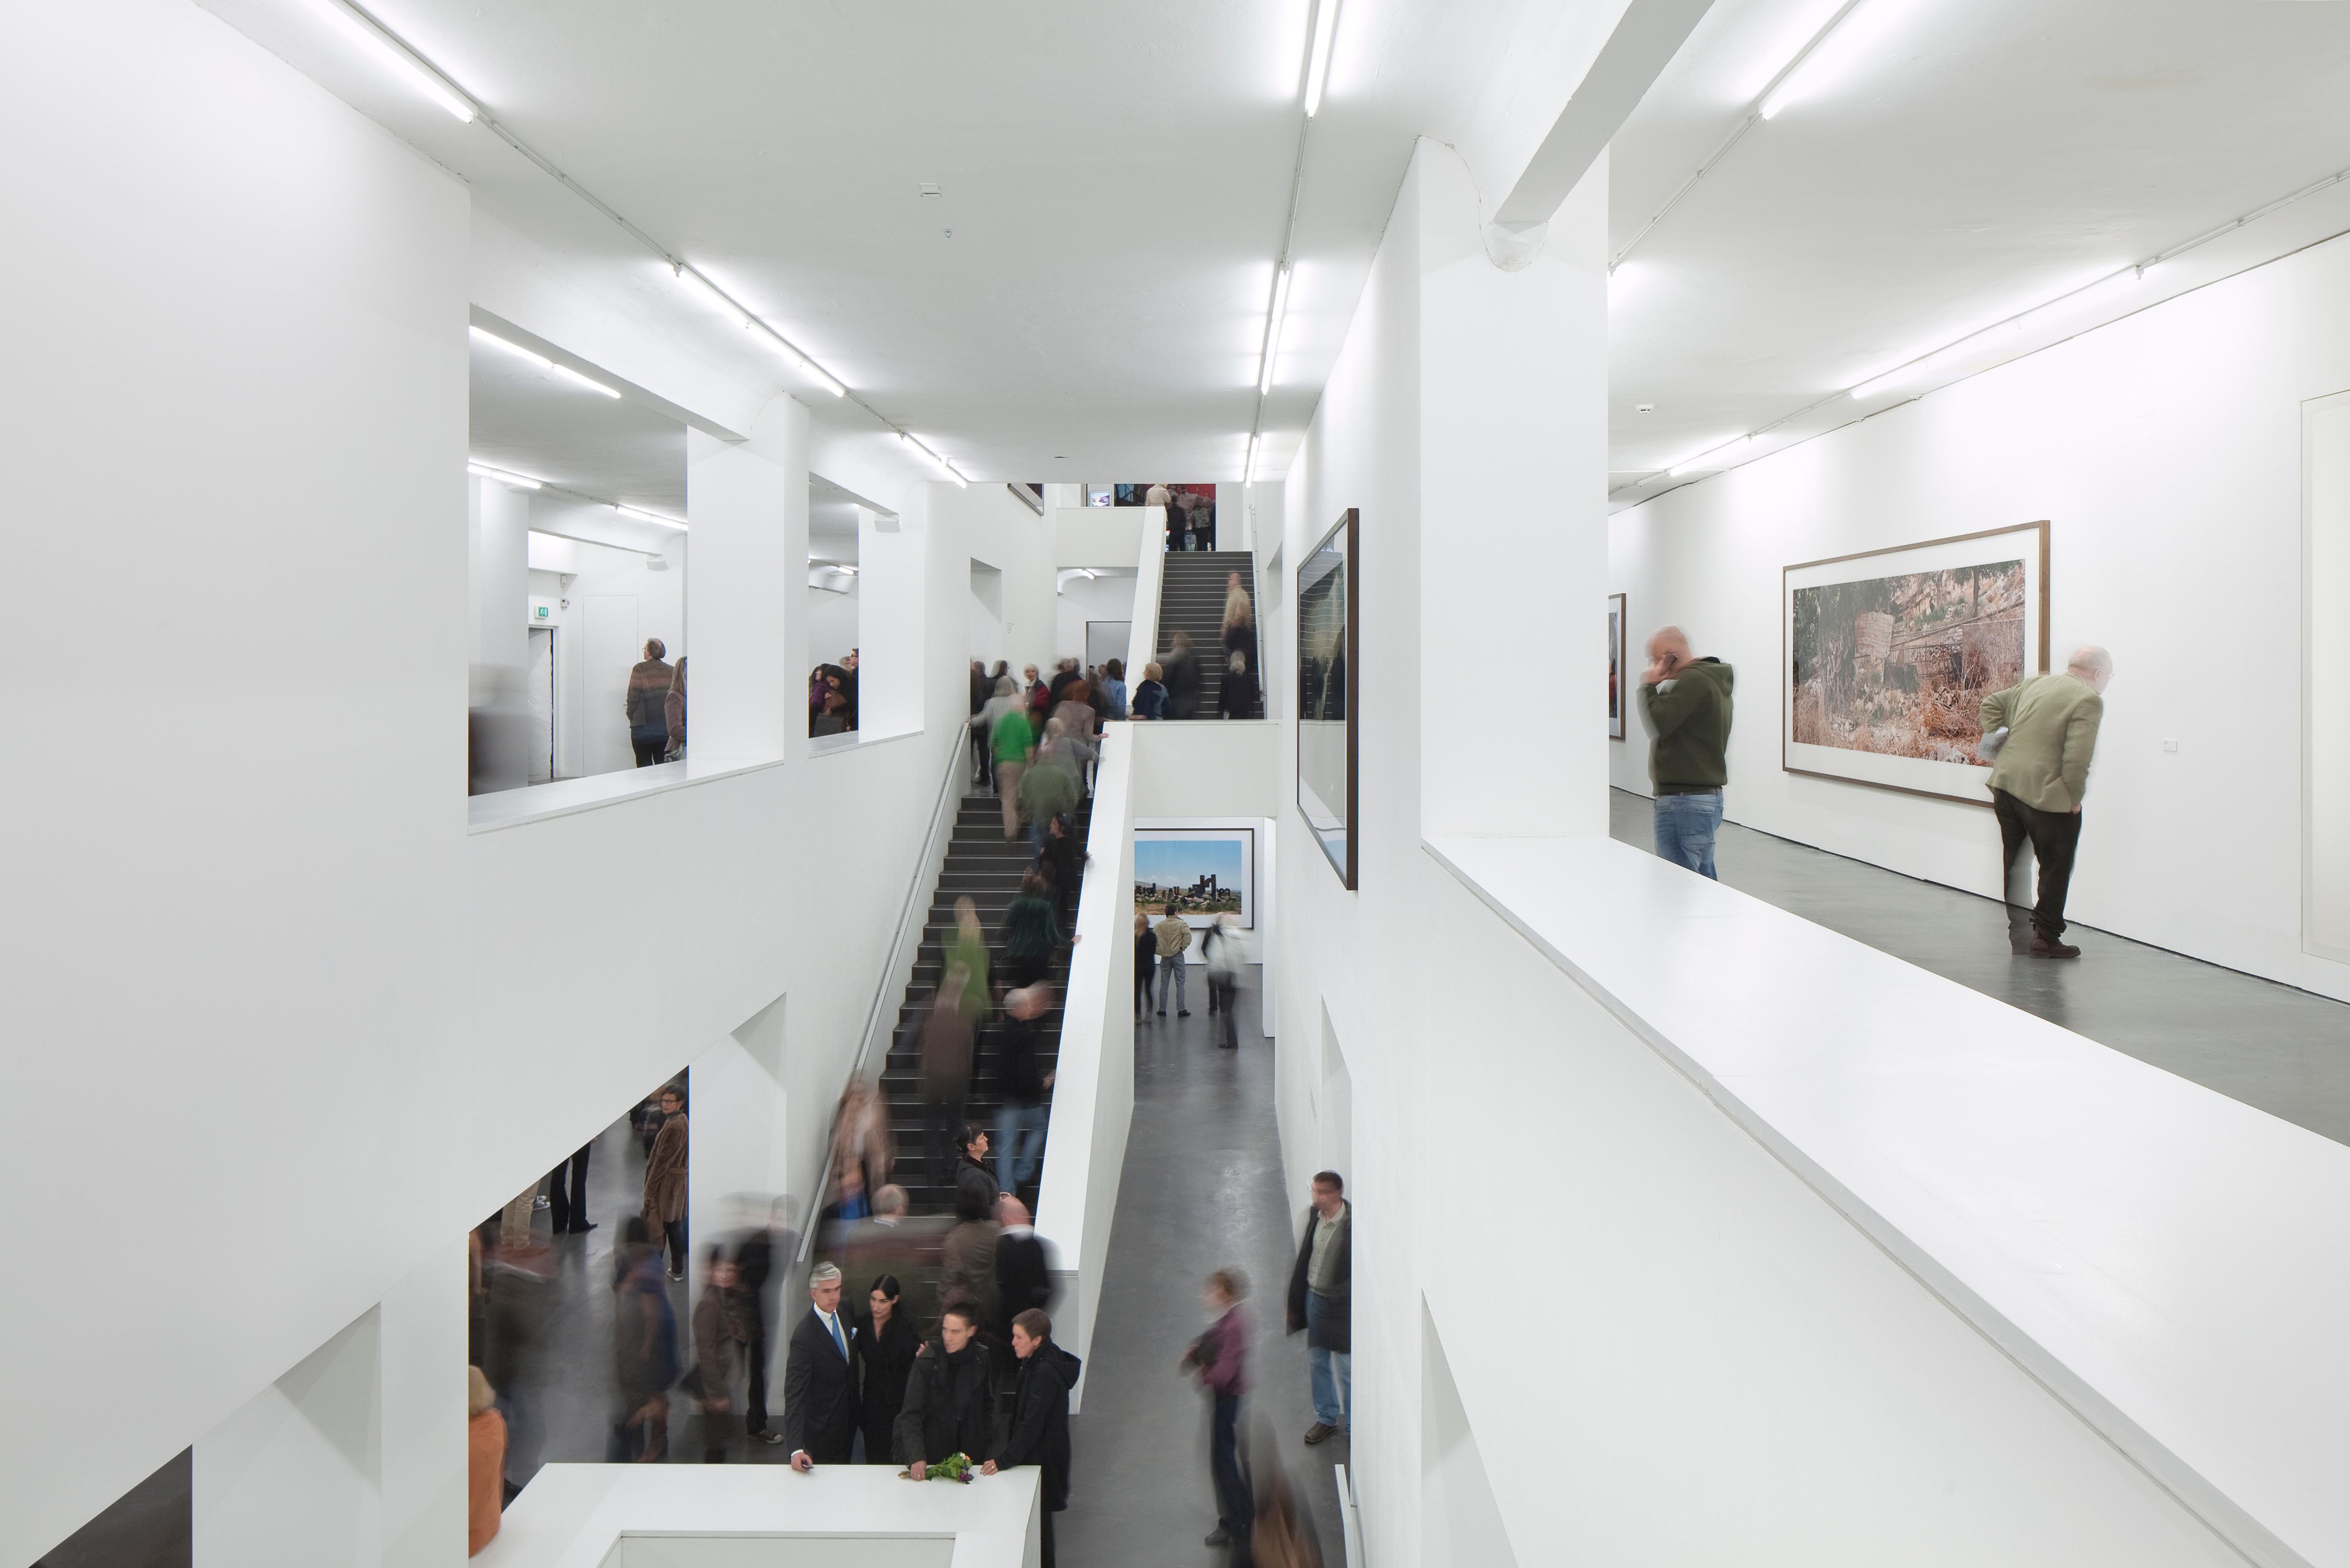 Öffentliche Führung - Sammlung Falckenberg in Hamburg, Ausstellung, 23.11.2017, Sammlung Falckenberg - Copyright Sammlung Falckenberg